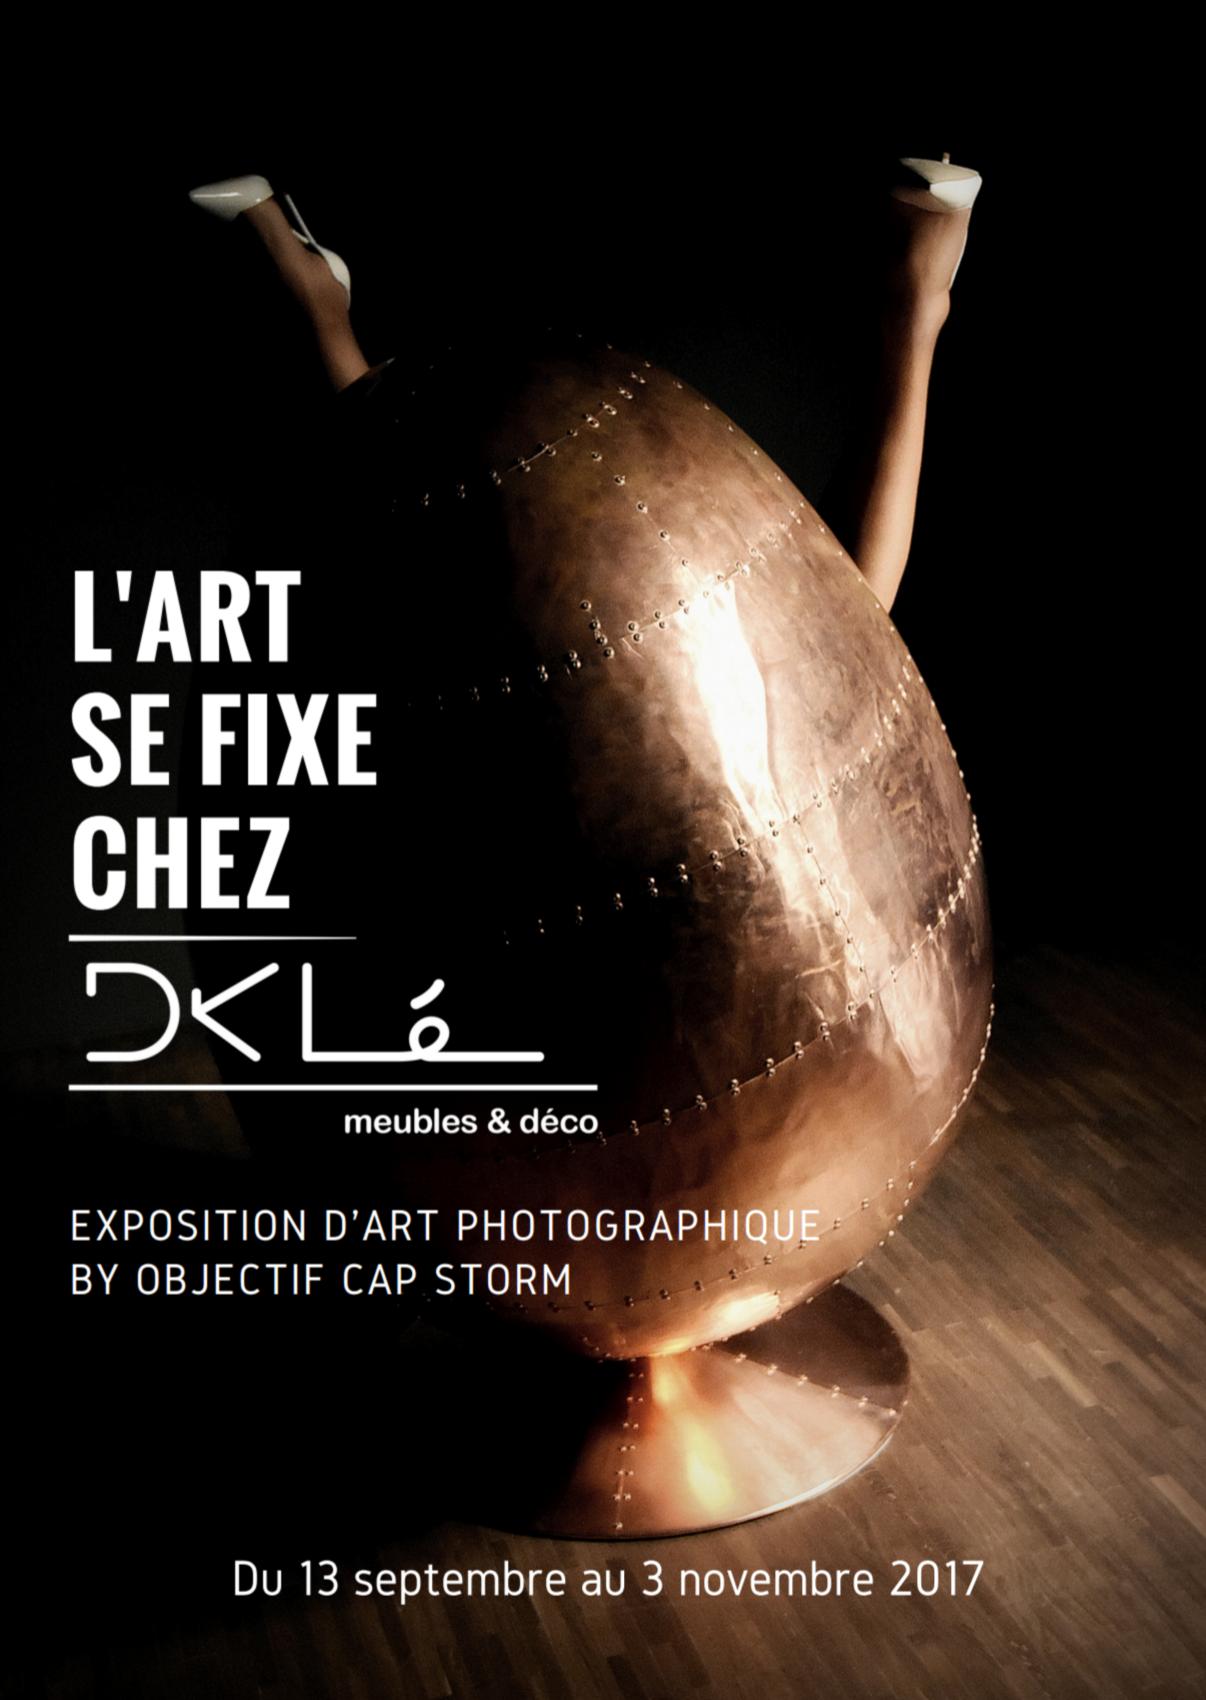 Exposition Art Photographique